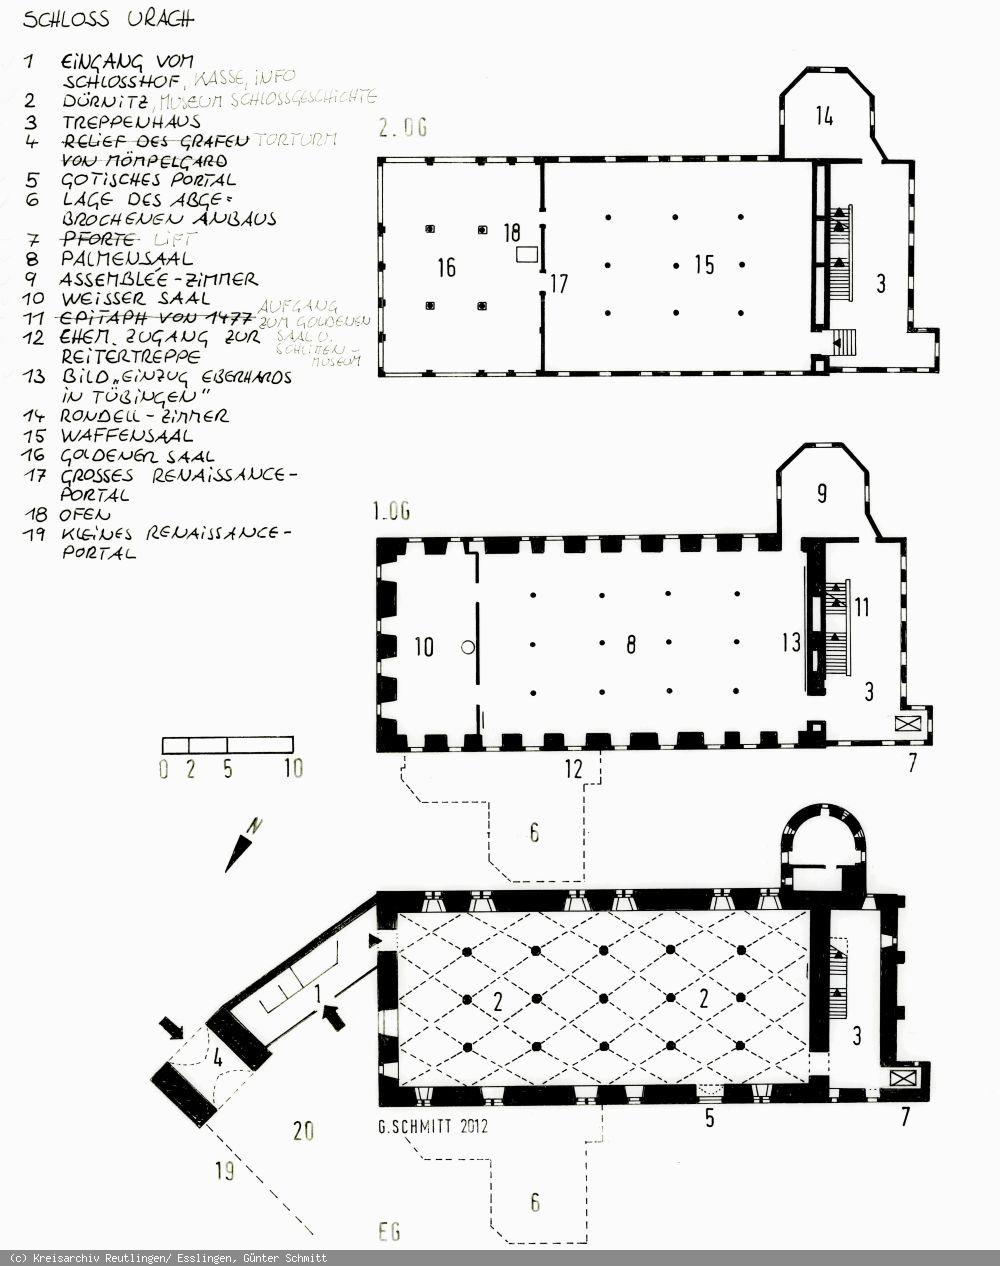 Grundriss des Schlosses Urach